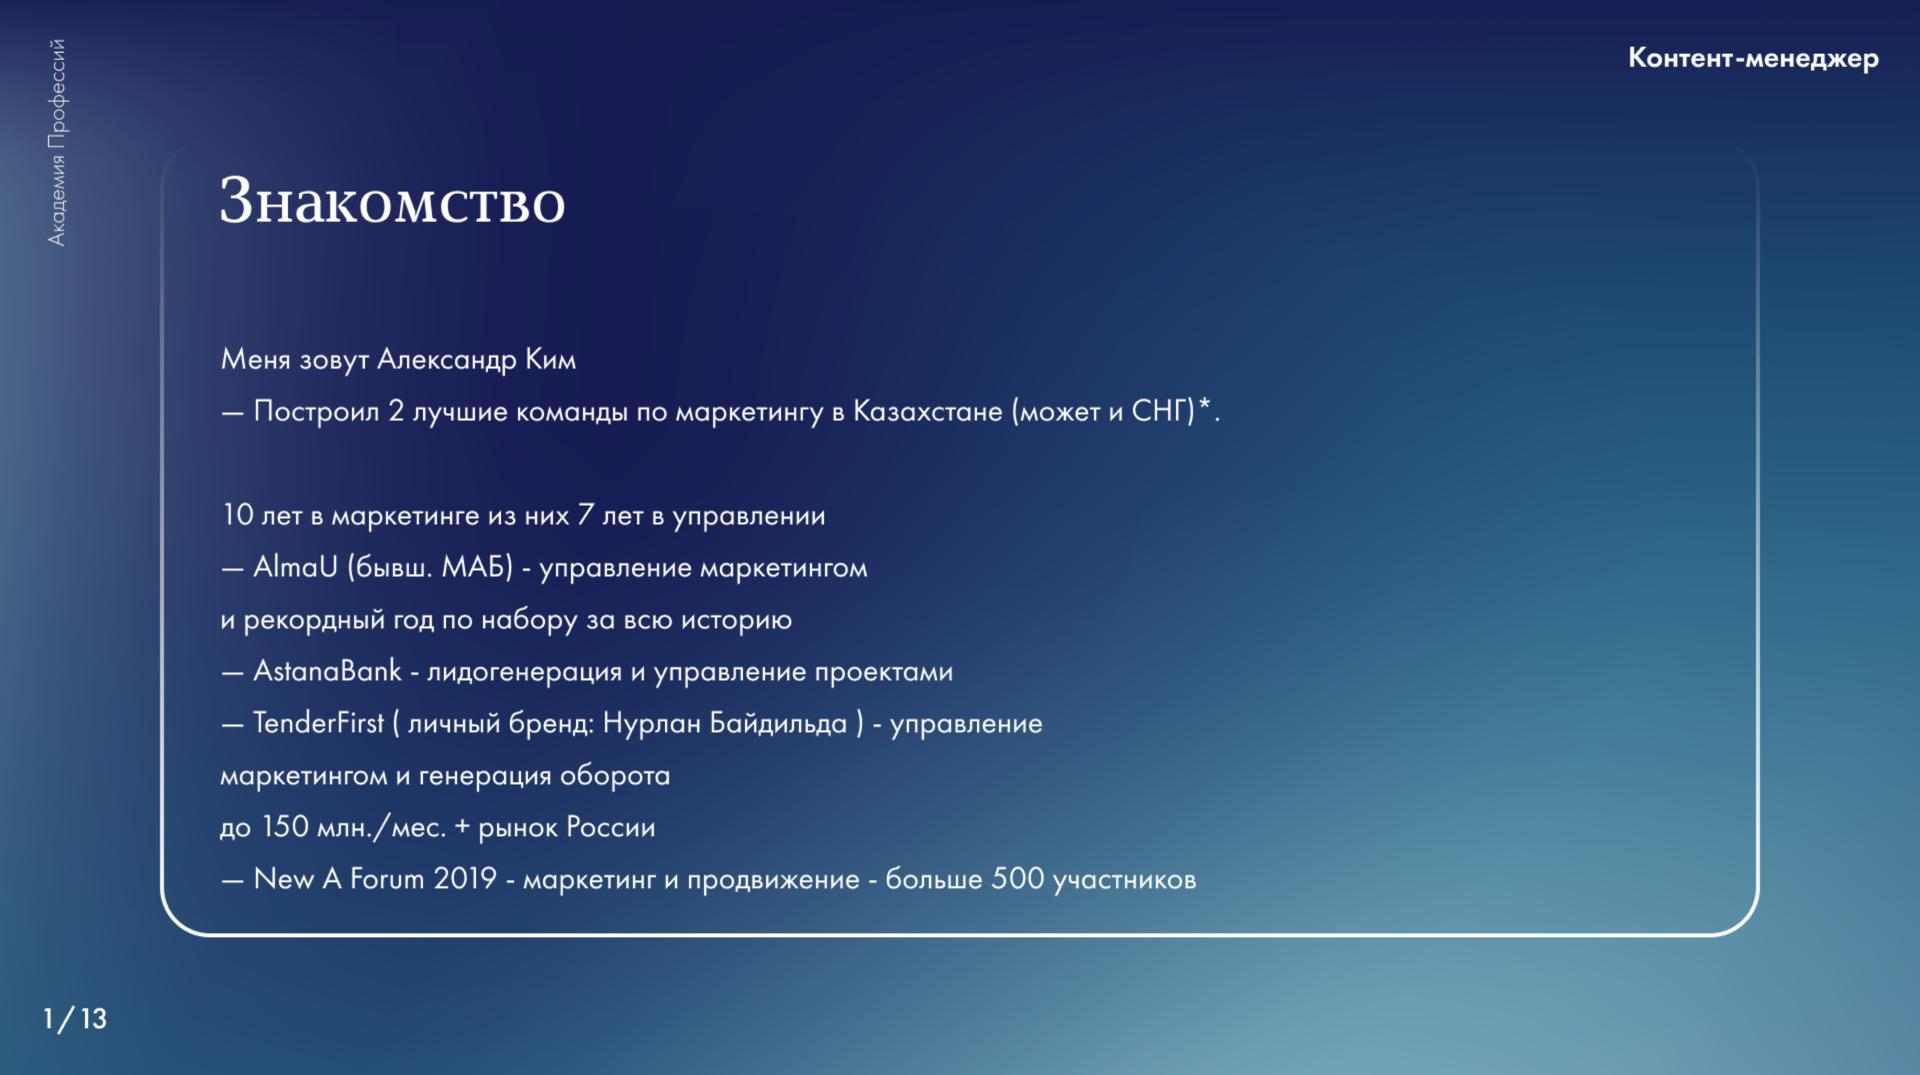 дизайн для страницы презентации курса контент-менеджер